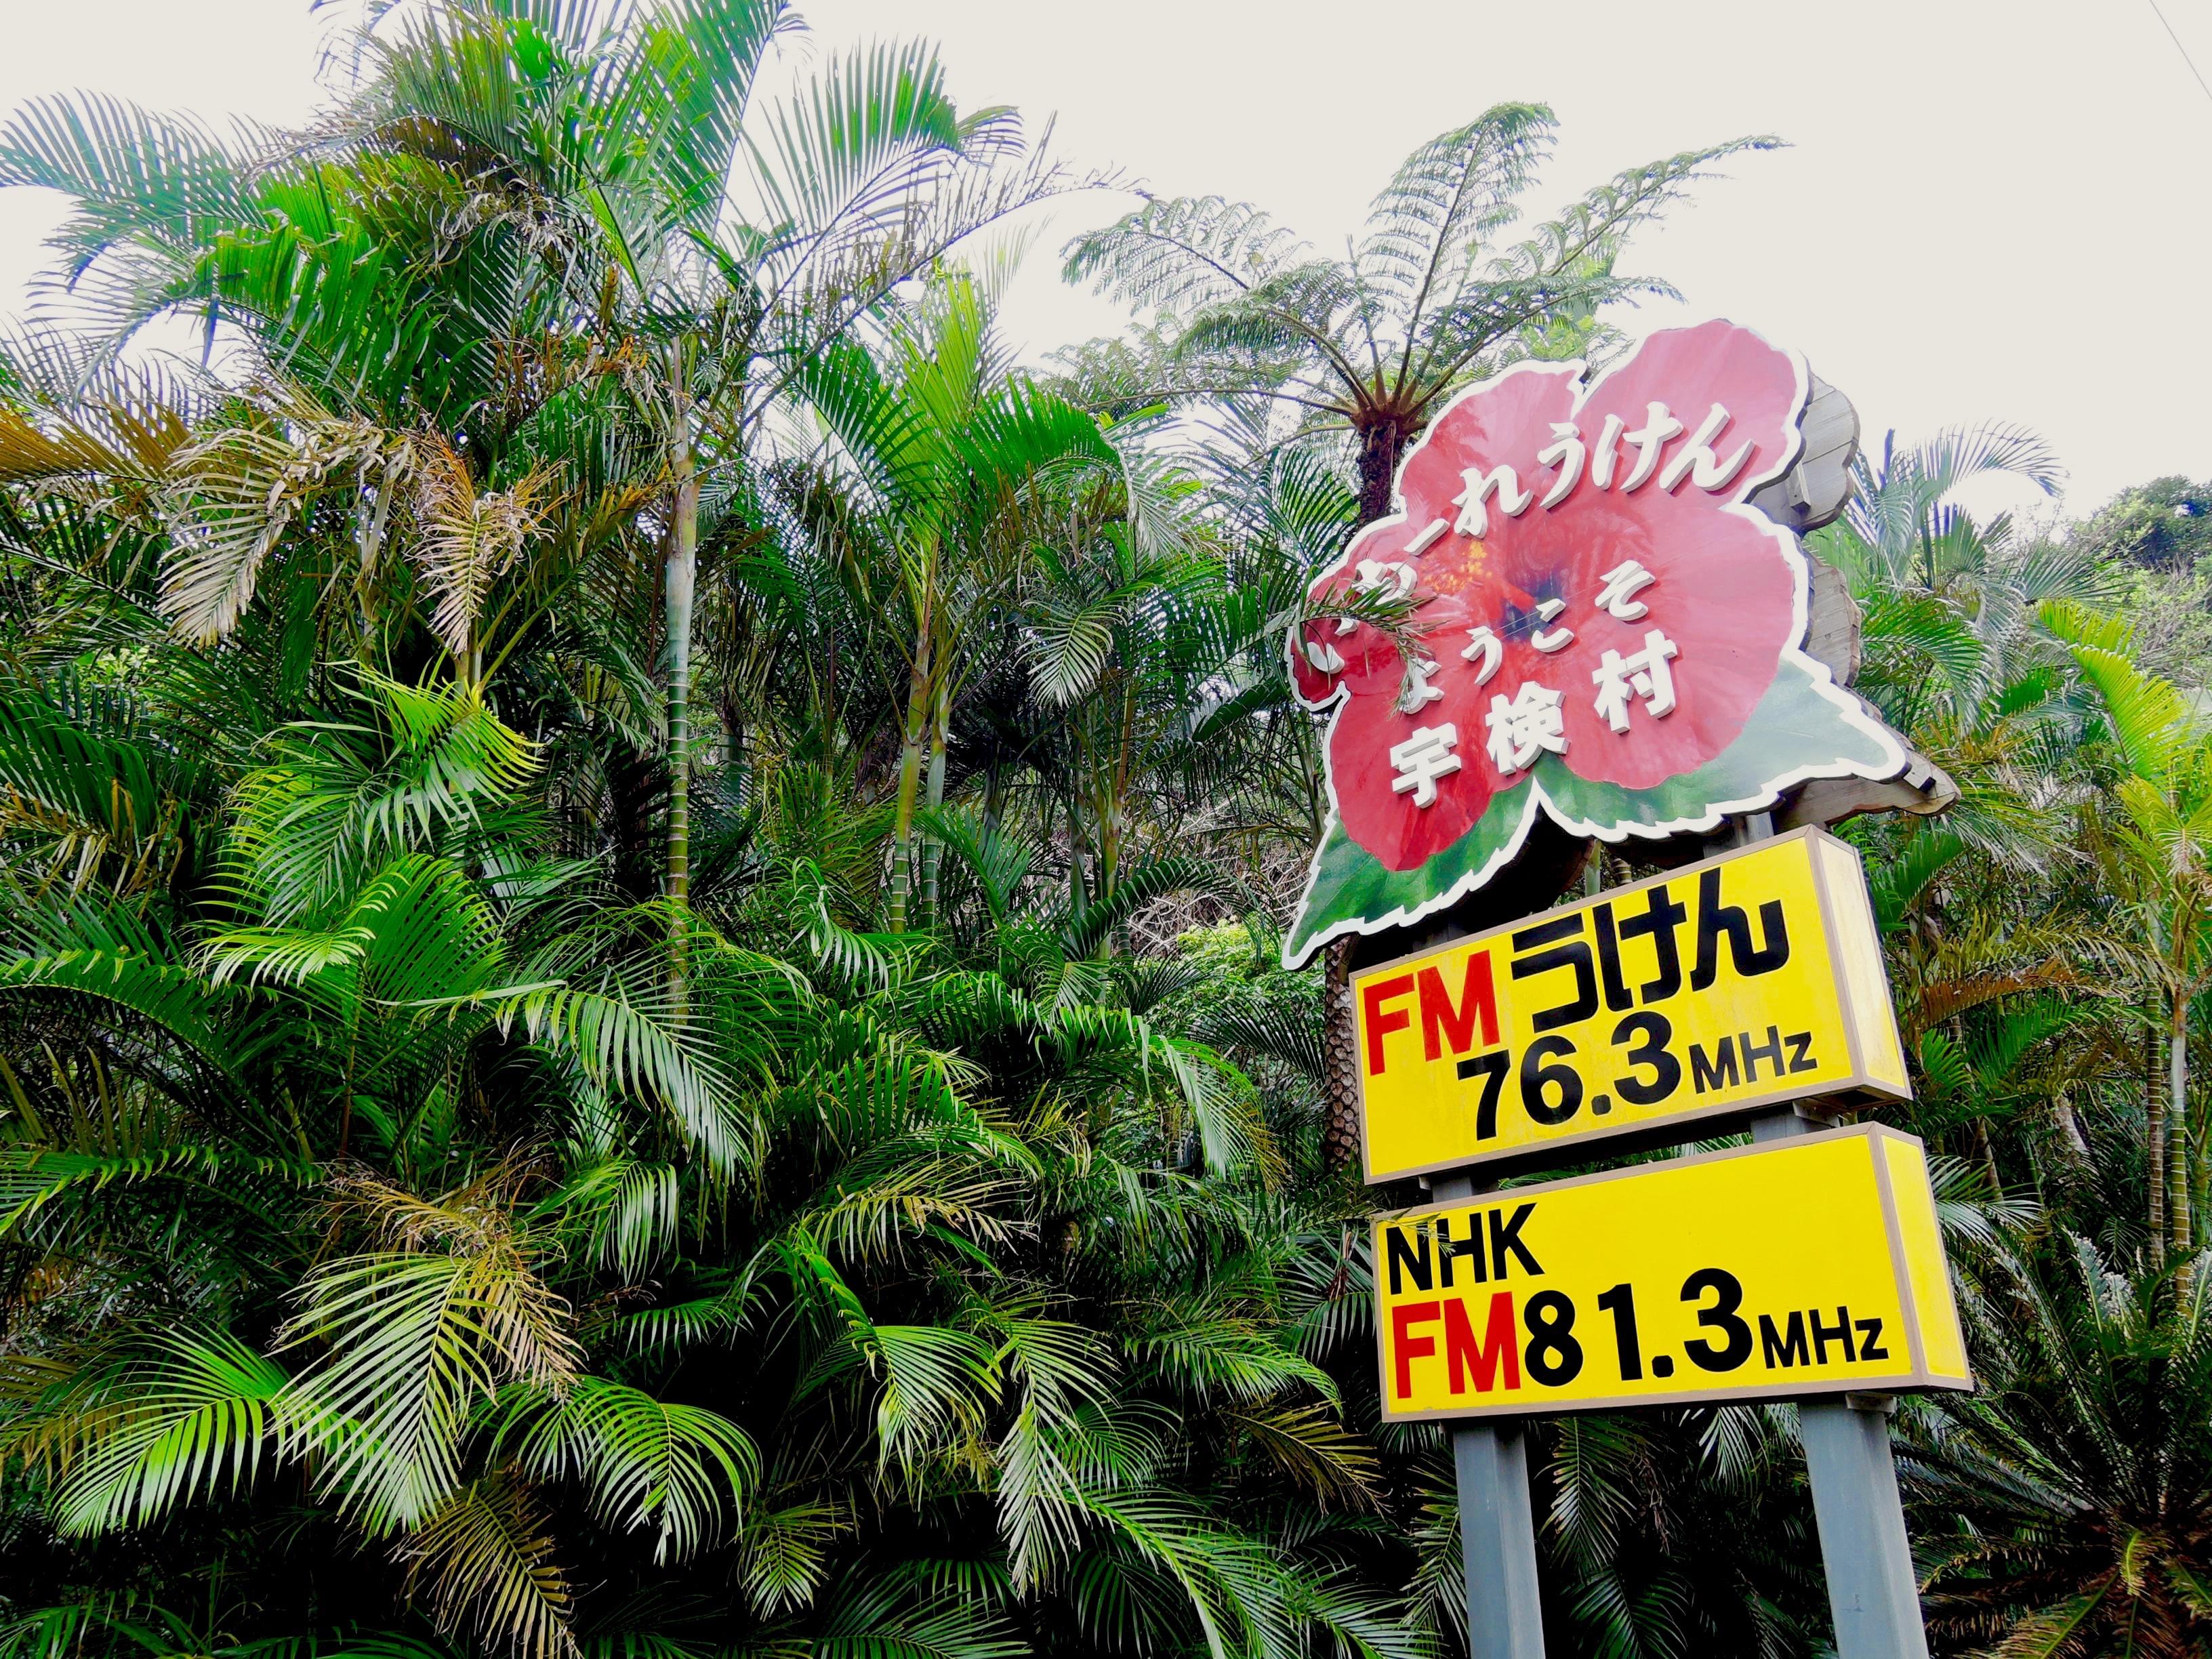 宇検村入り口の看板